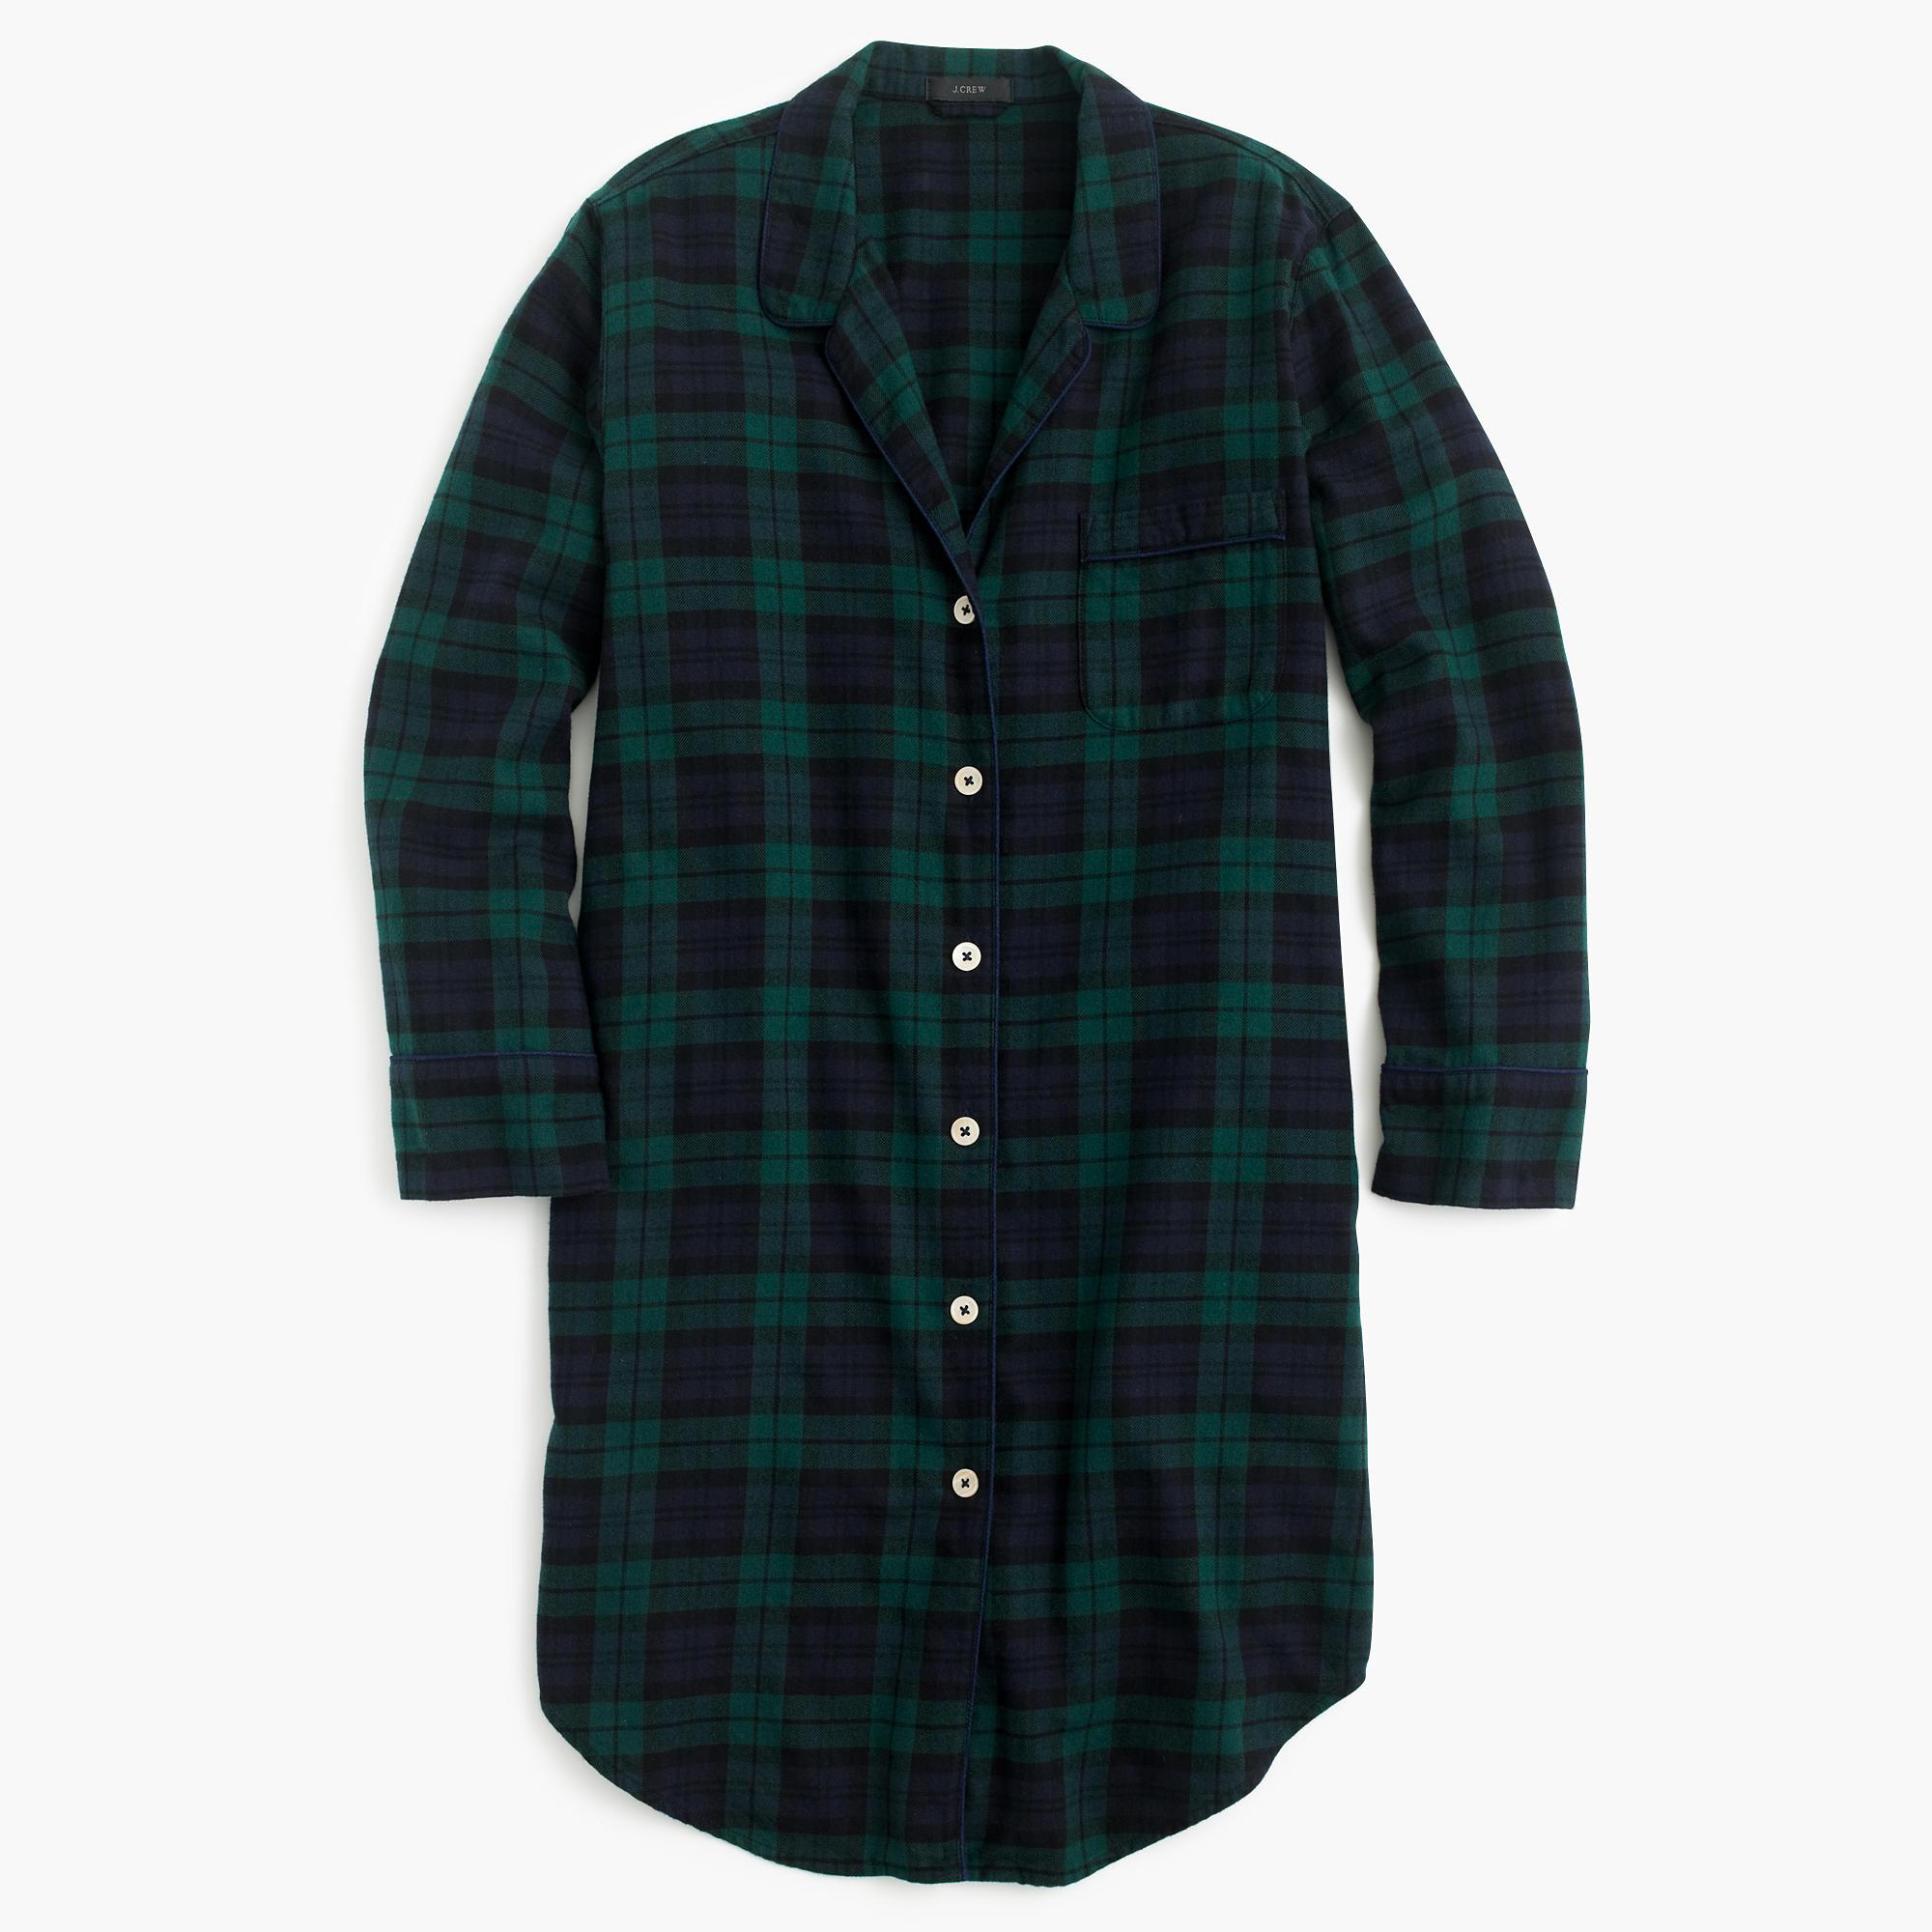 nightshirt in black watch flannel   women u0026 39 s pajamas  u0026 sleepwear